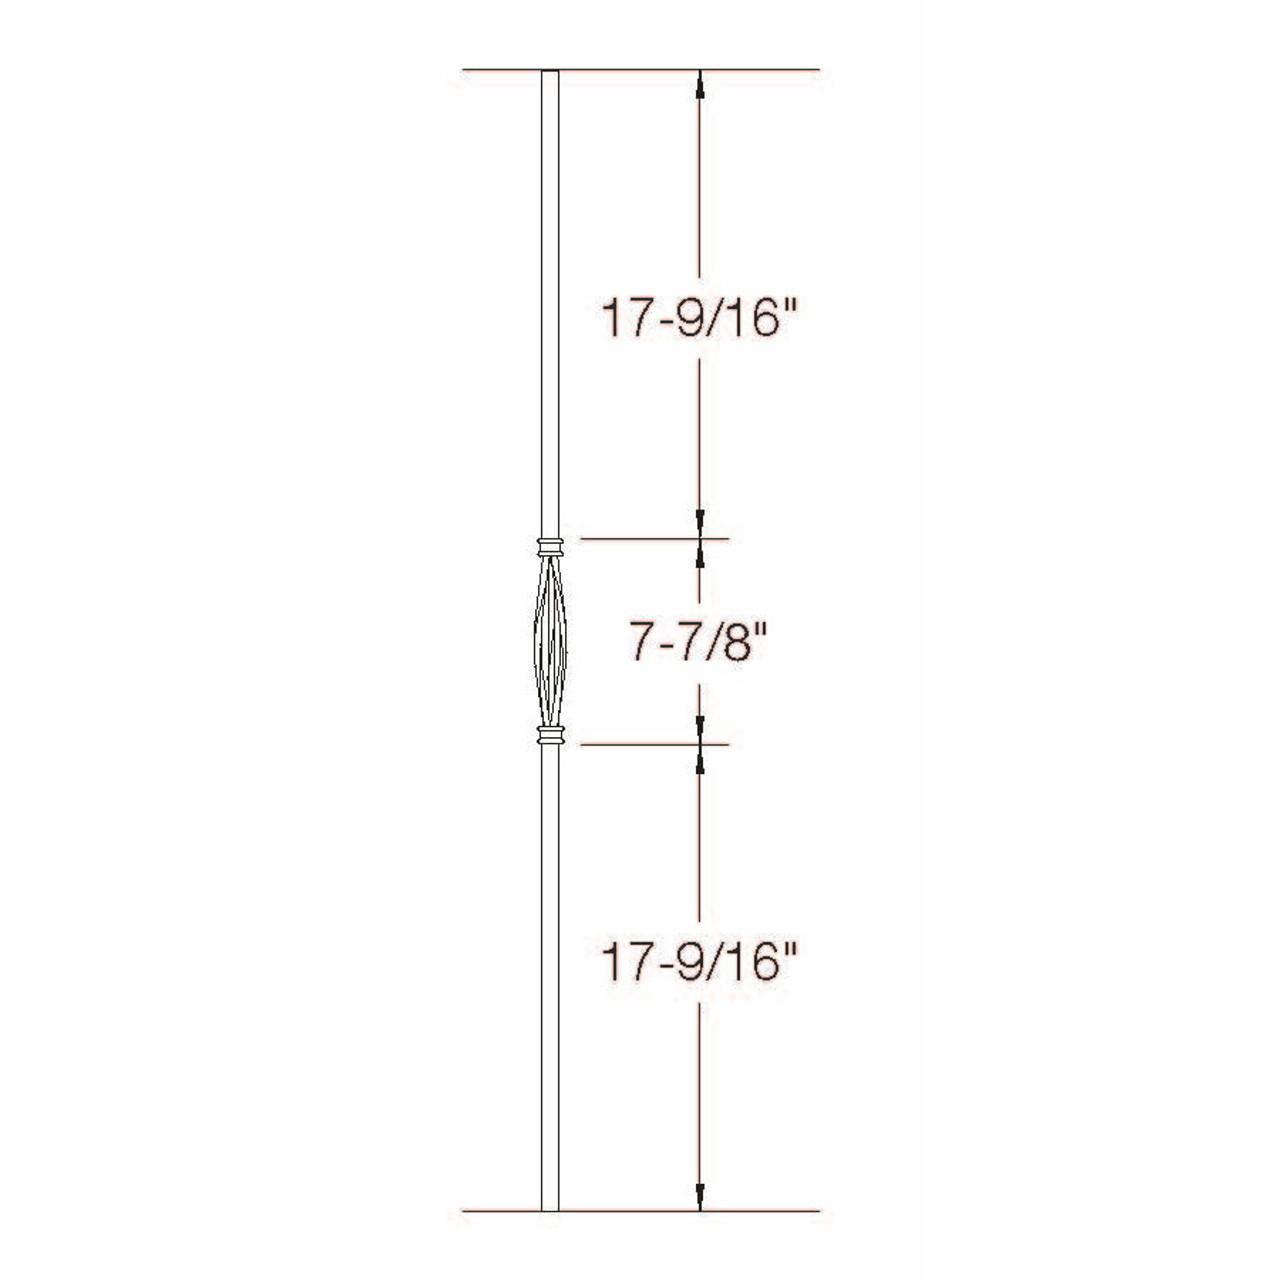 2GR18 16mm Round Slimline Basket, Tubular Steel Dimensional Information